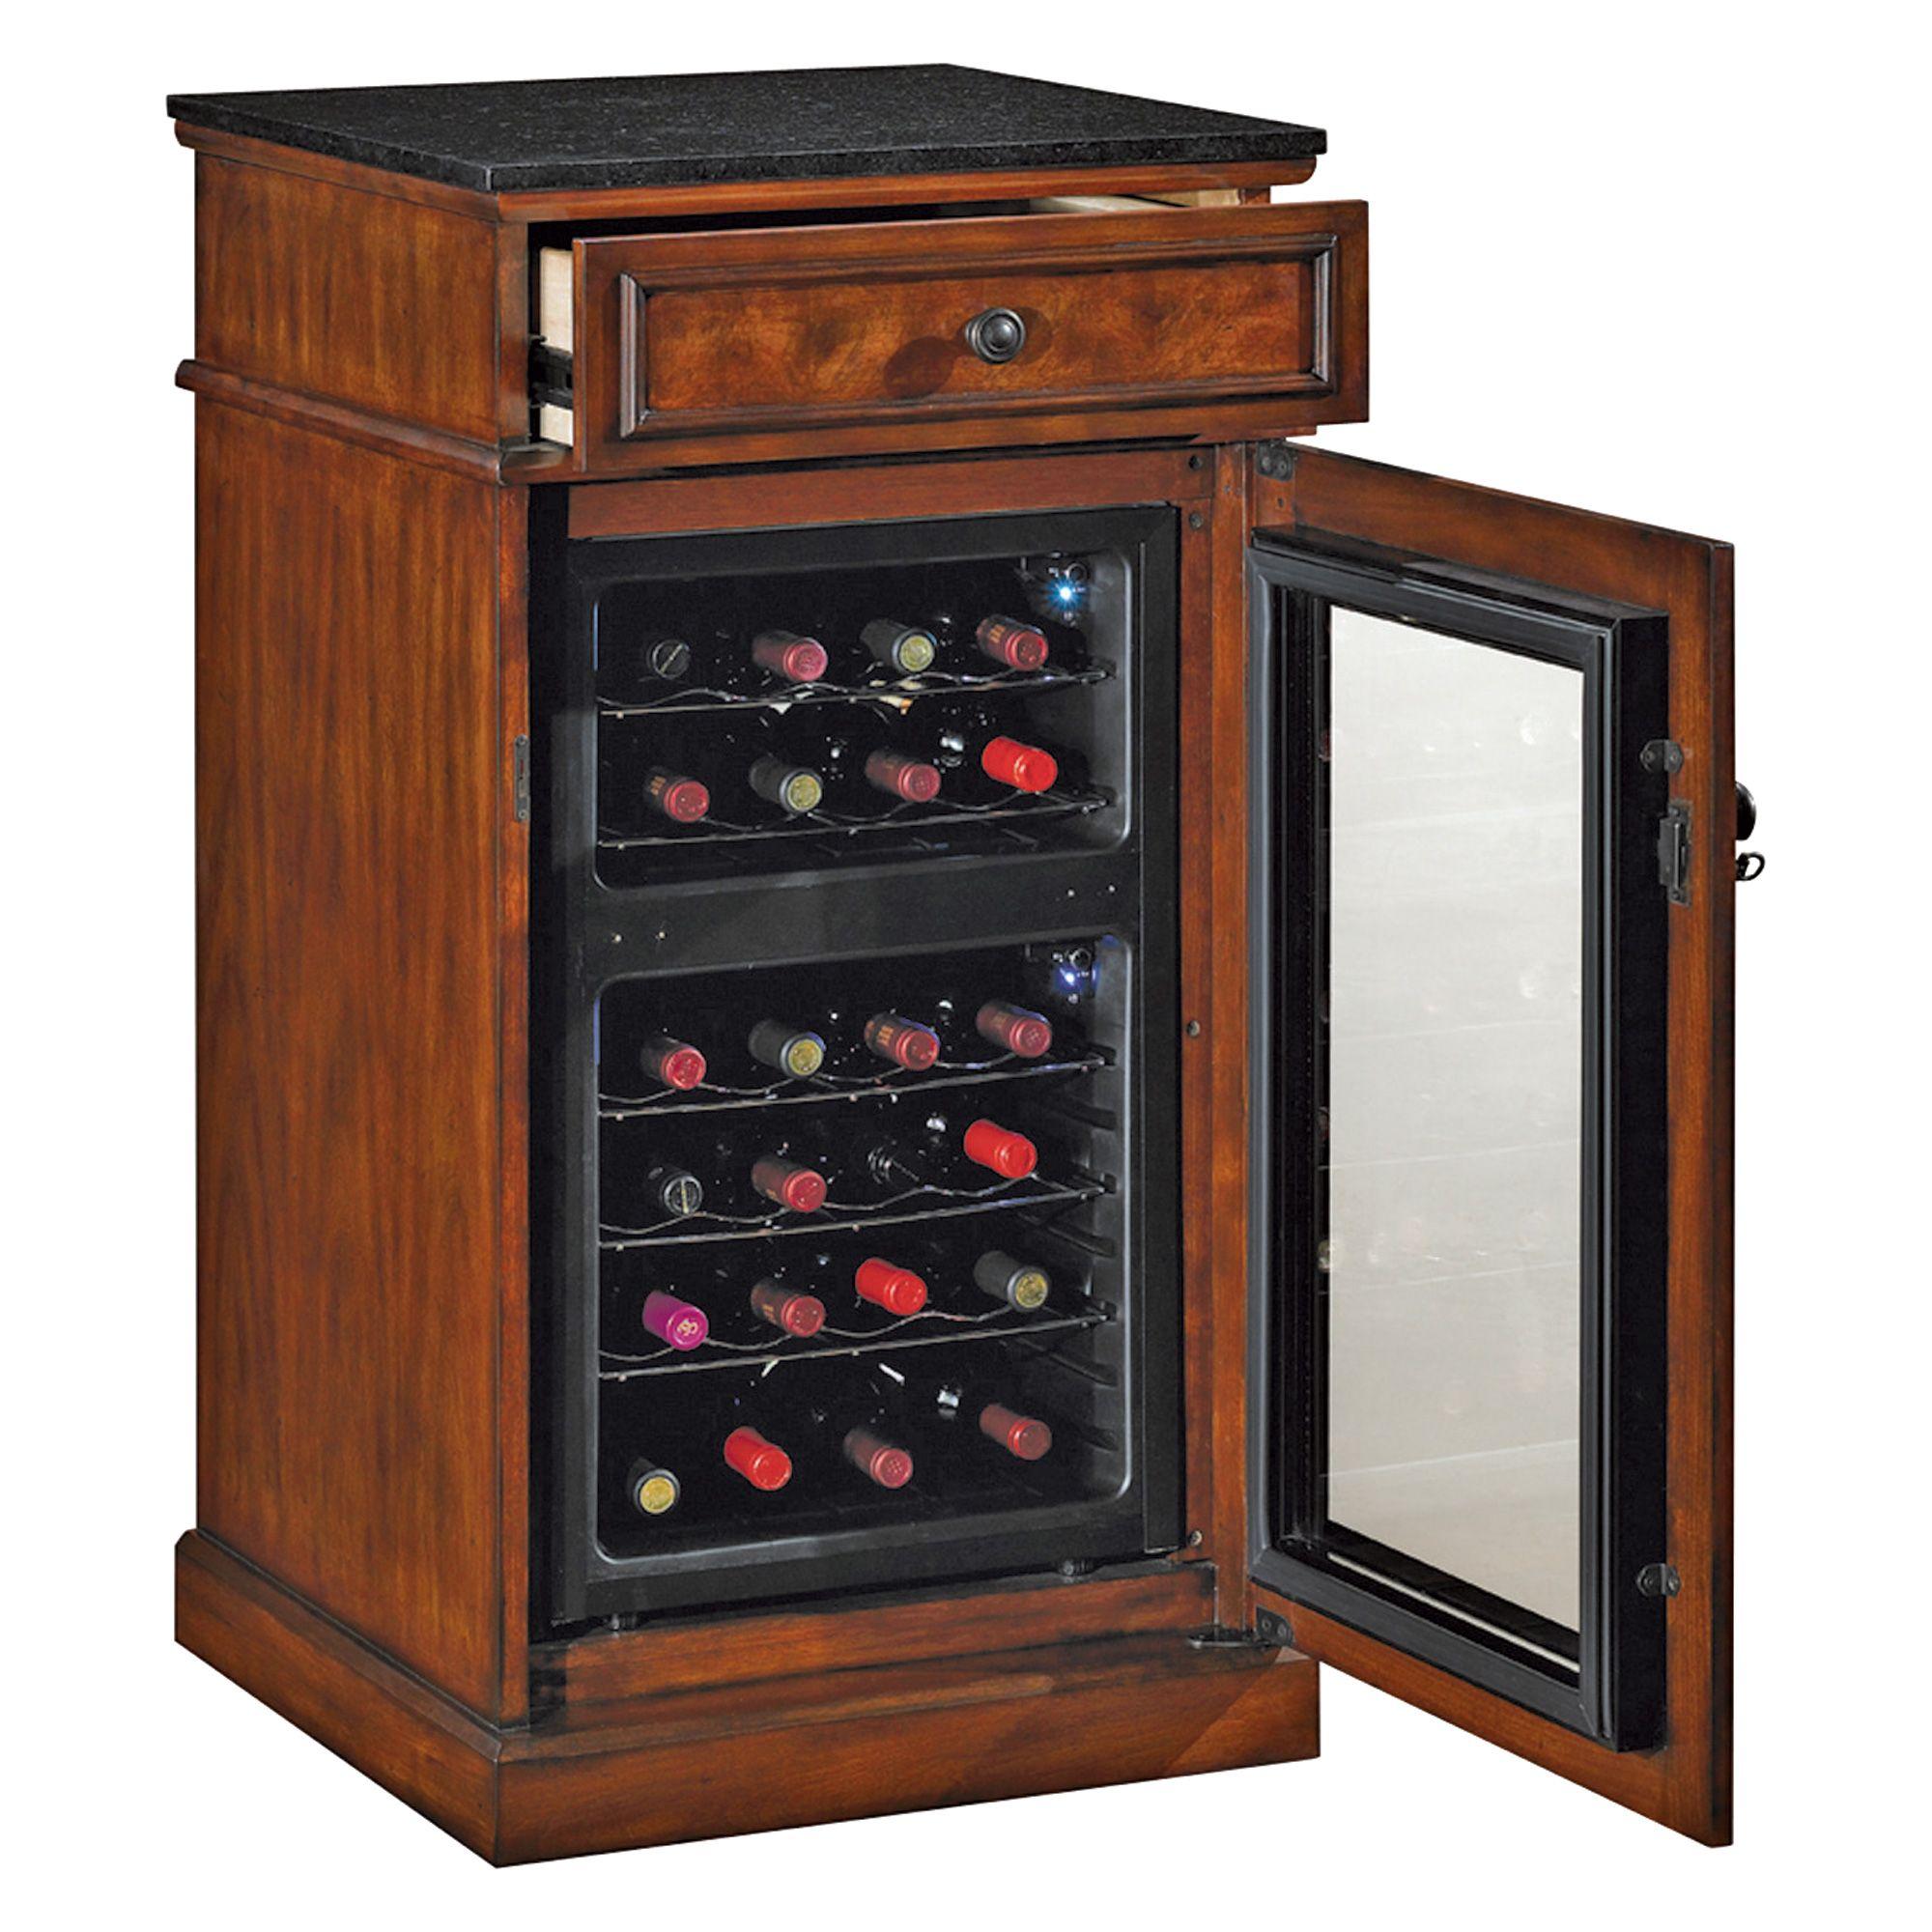 Furniture : Mini Refrigerator Cabinet With Modern RCS 4.6 Cu. Ft ..